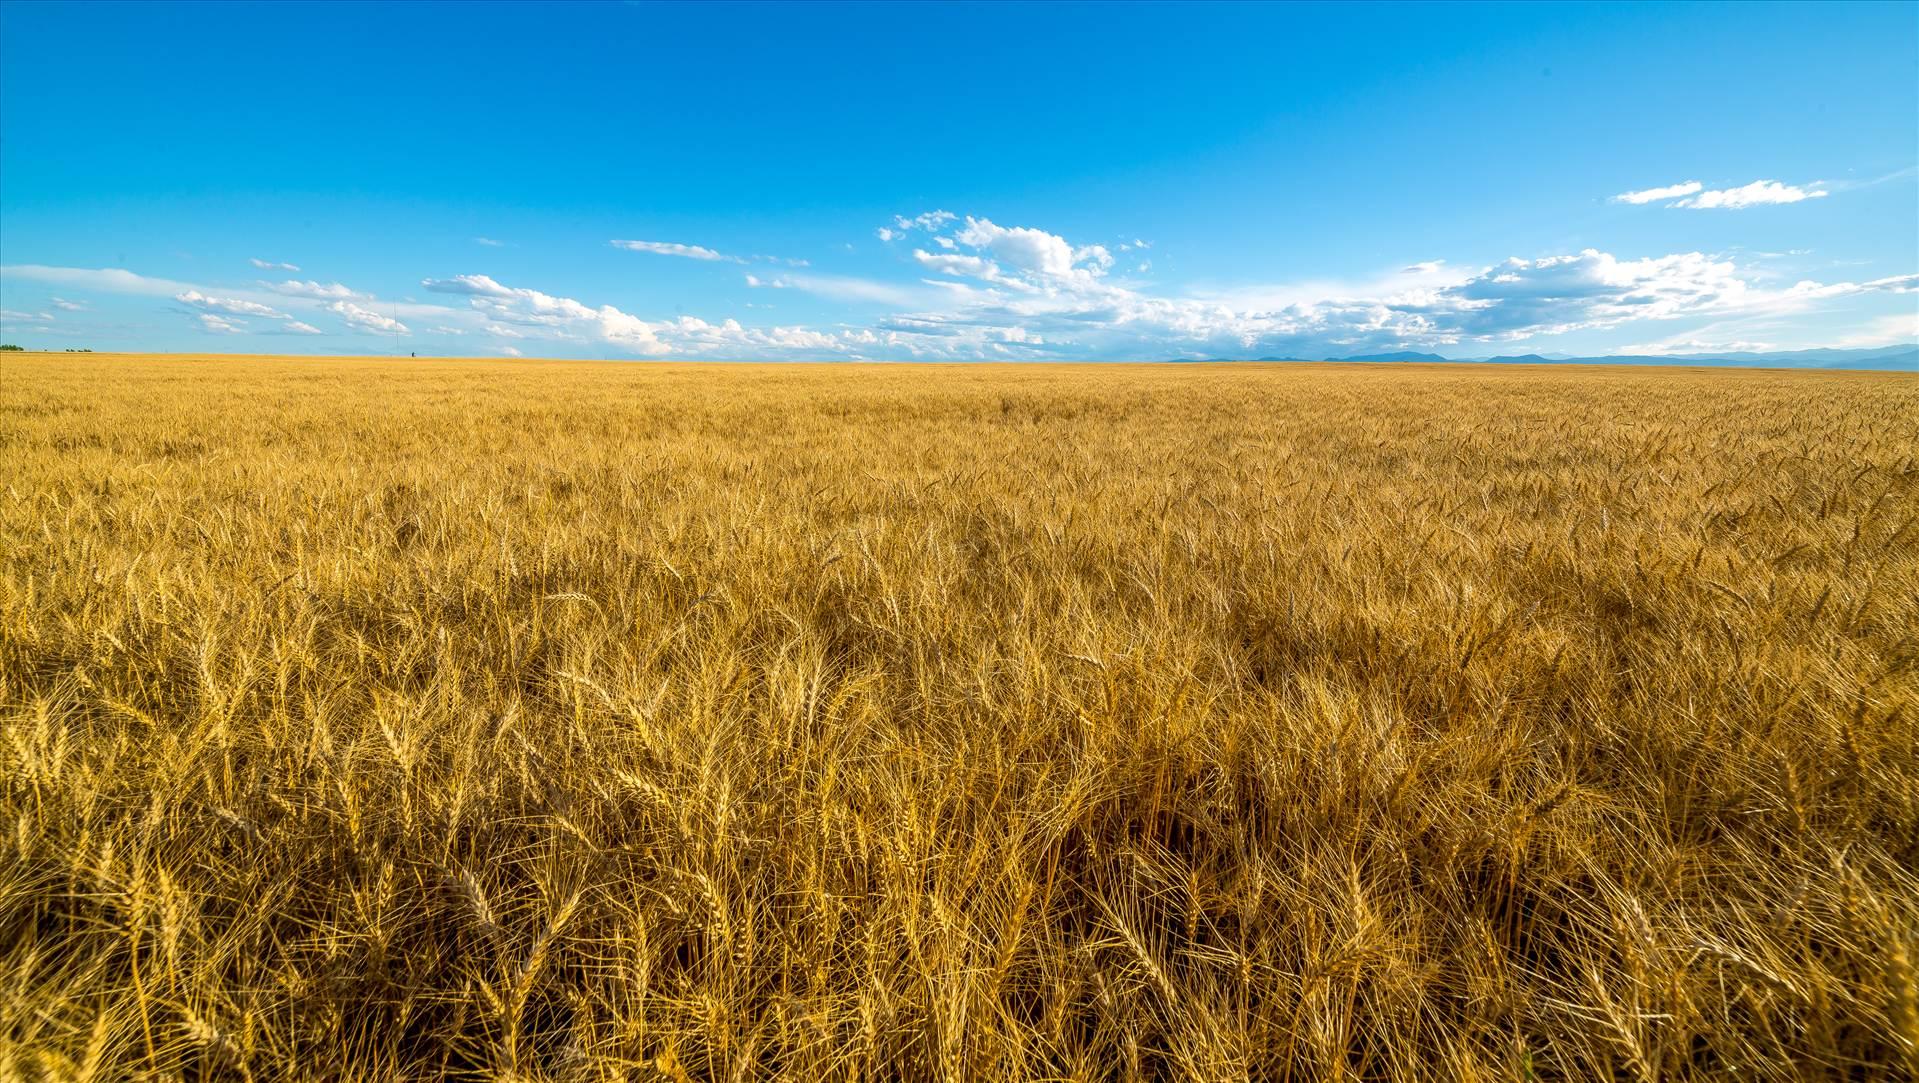 Wheat Field - A field of wheat in late summer near Longmont, Colorado. by D Scott Smith